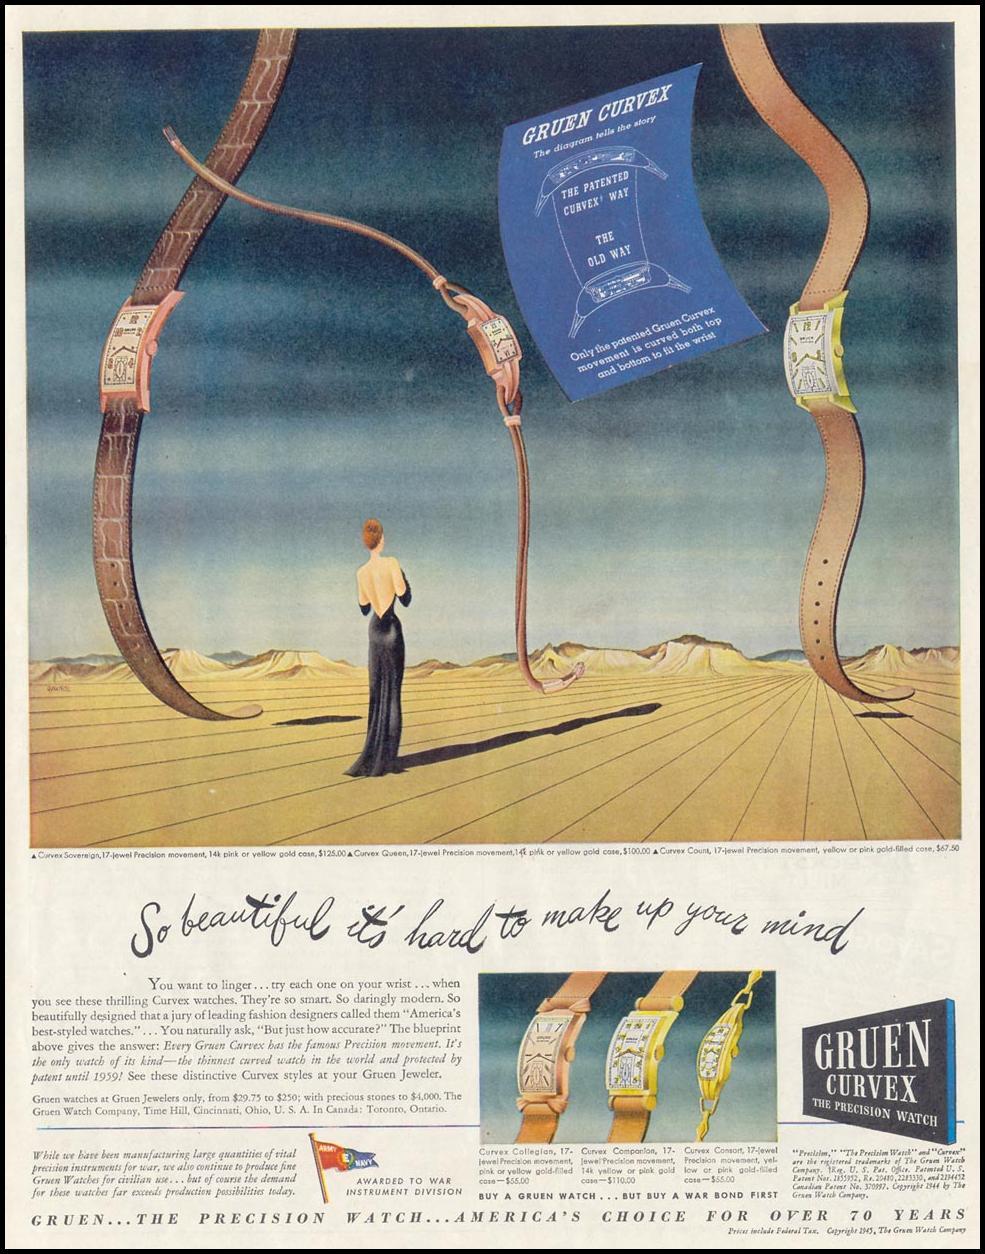 GRUEN CURVEX WATCHES SATURDAY EVENING POST 05/19/1945 p. 97